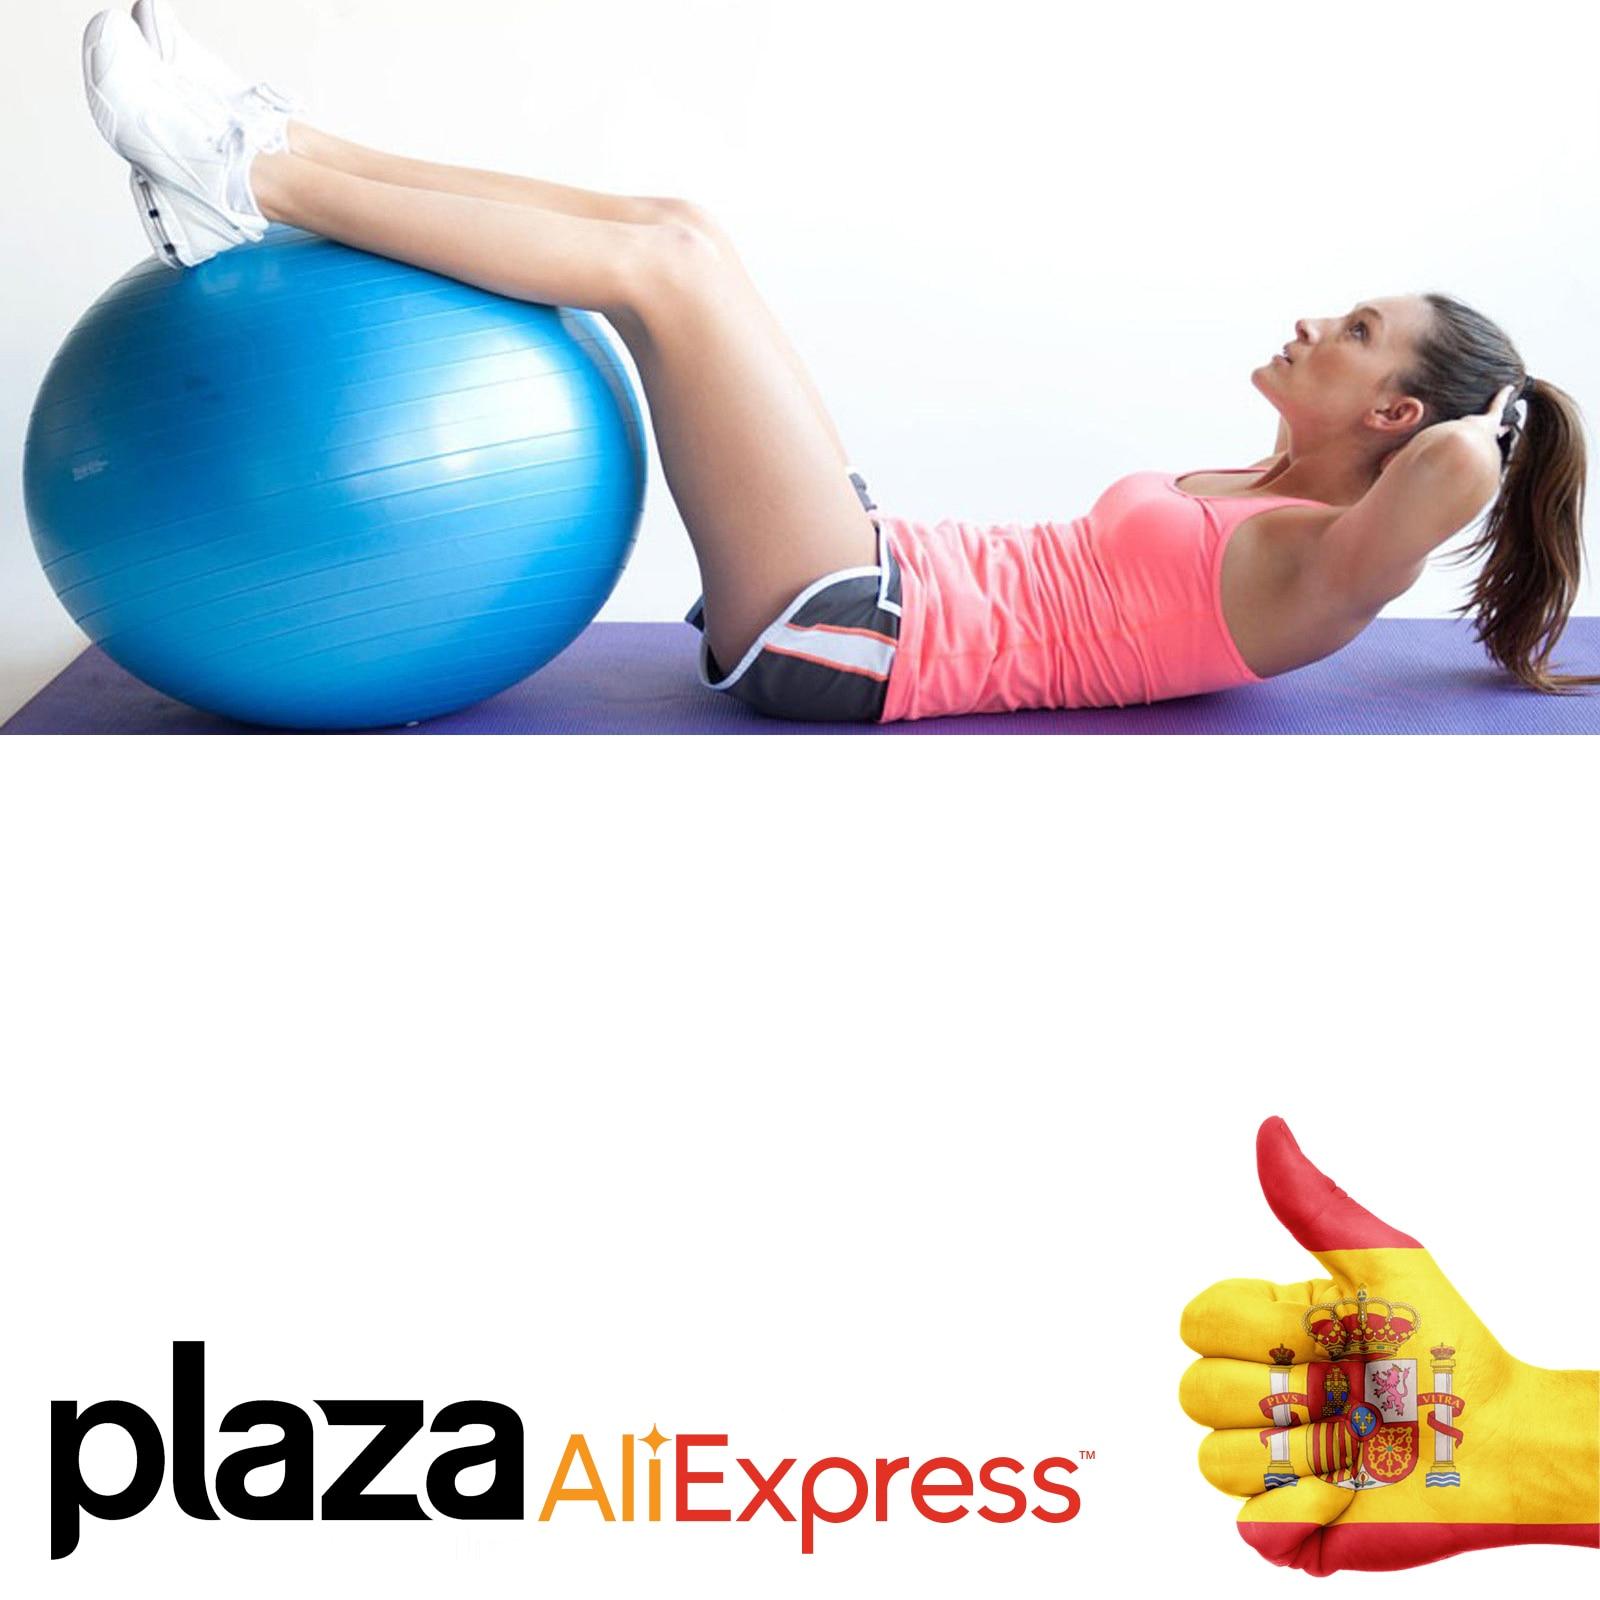 Pelota de ejercicio deportes pelota de Yoga Bola de Fitness gimnasio pelota de équilibres inflable ejercicio de entrenamiento pe